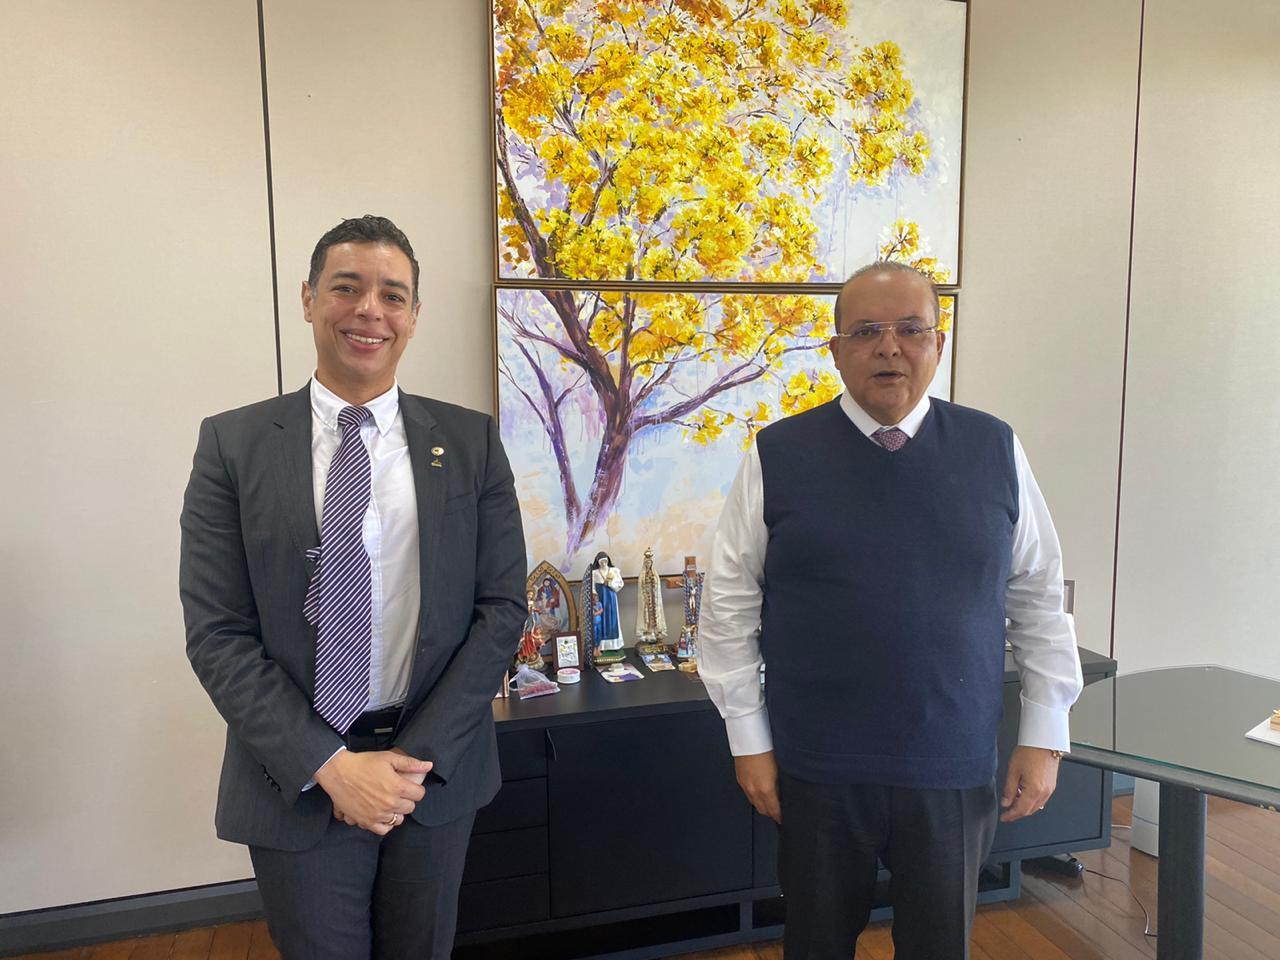 Deputado Leonardo Araújo discute perspectiva do MDB com governador do Distrito Federal